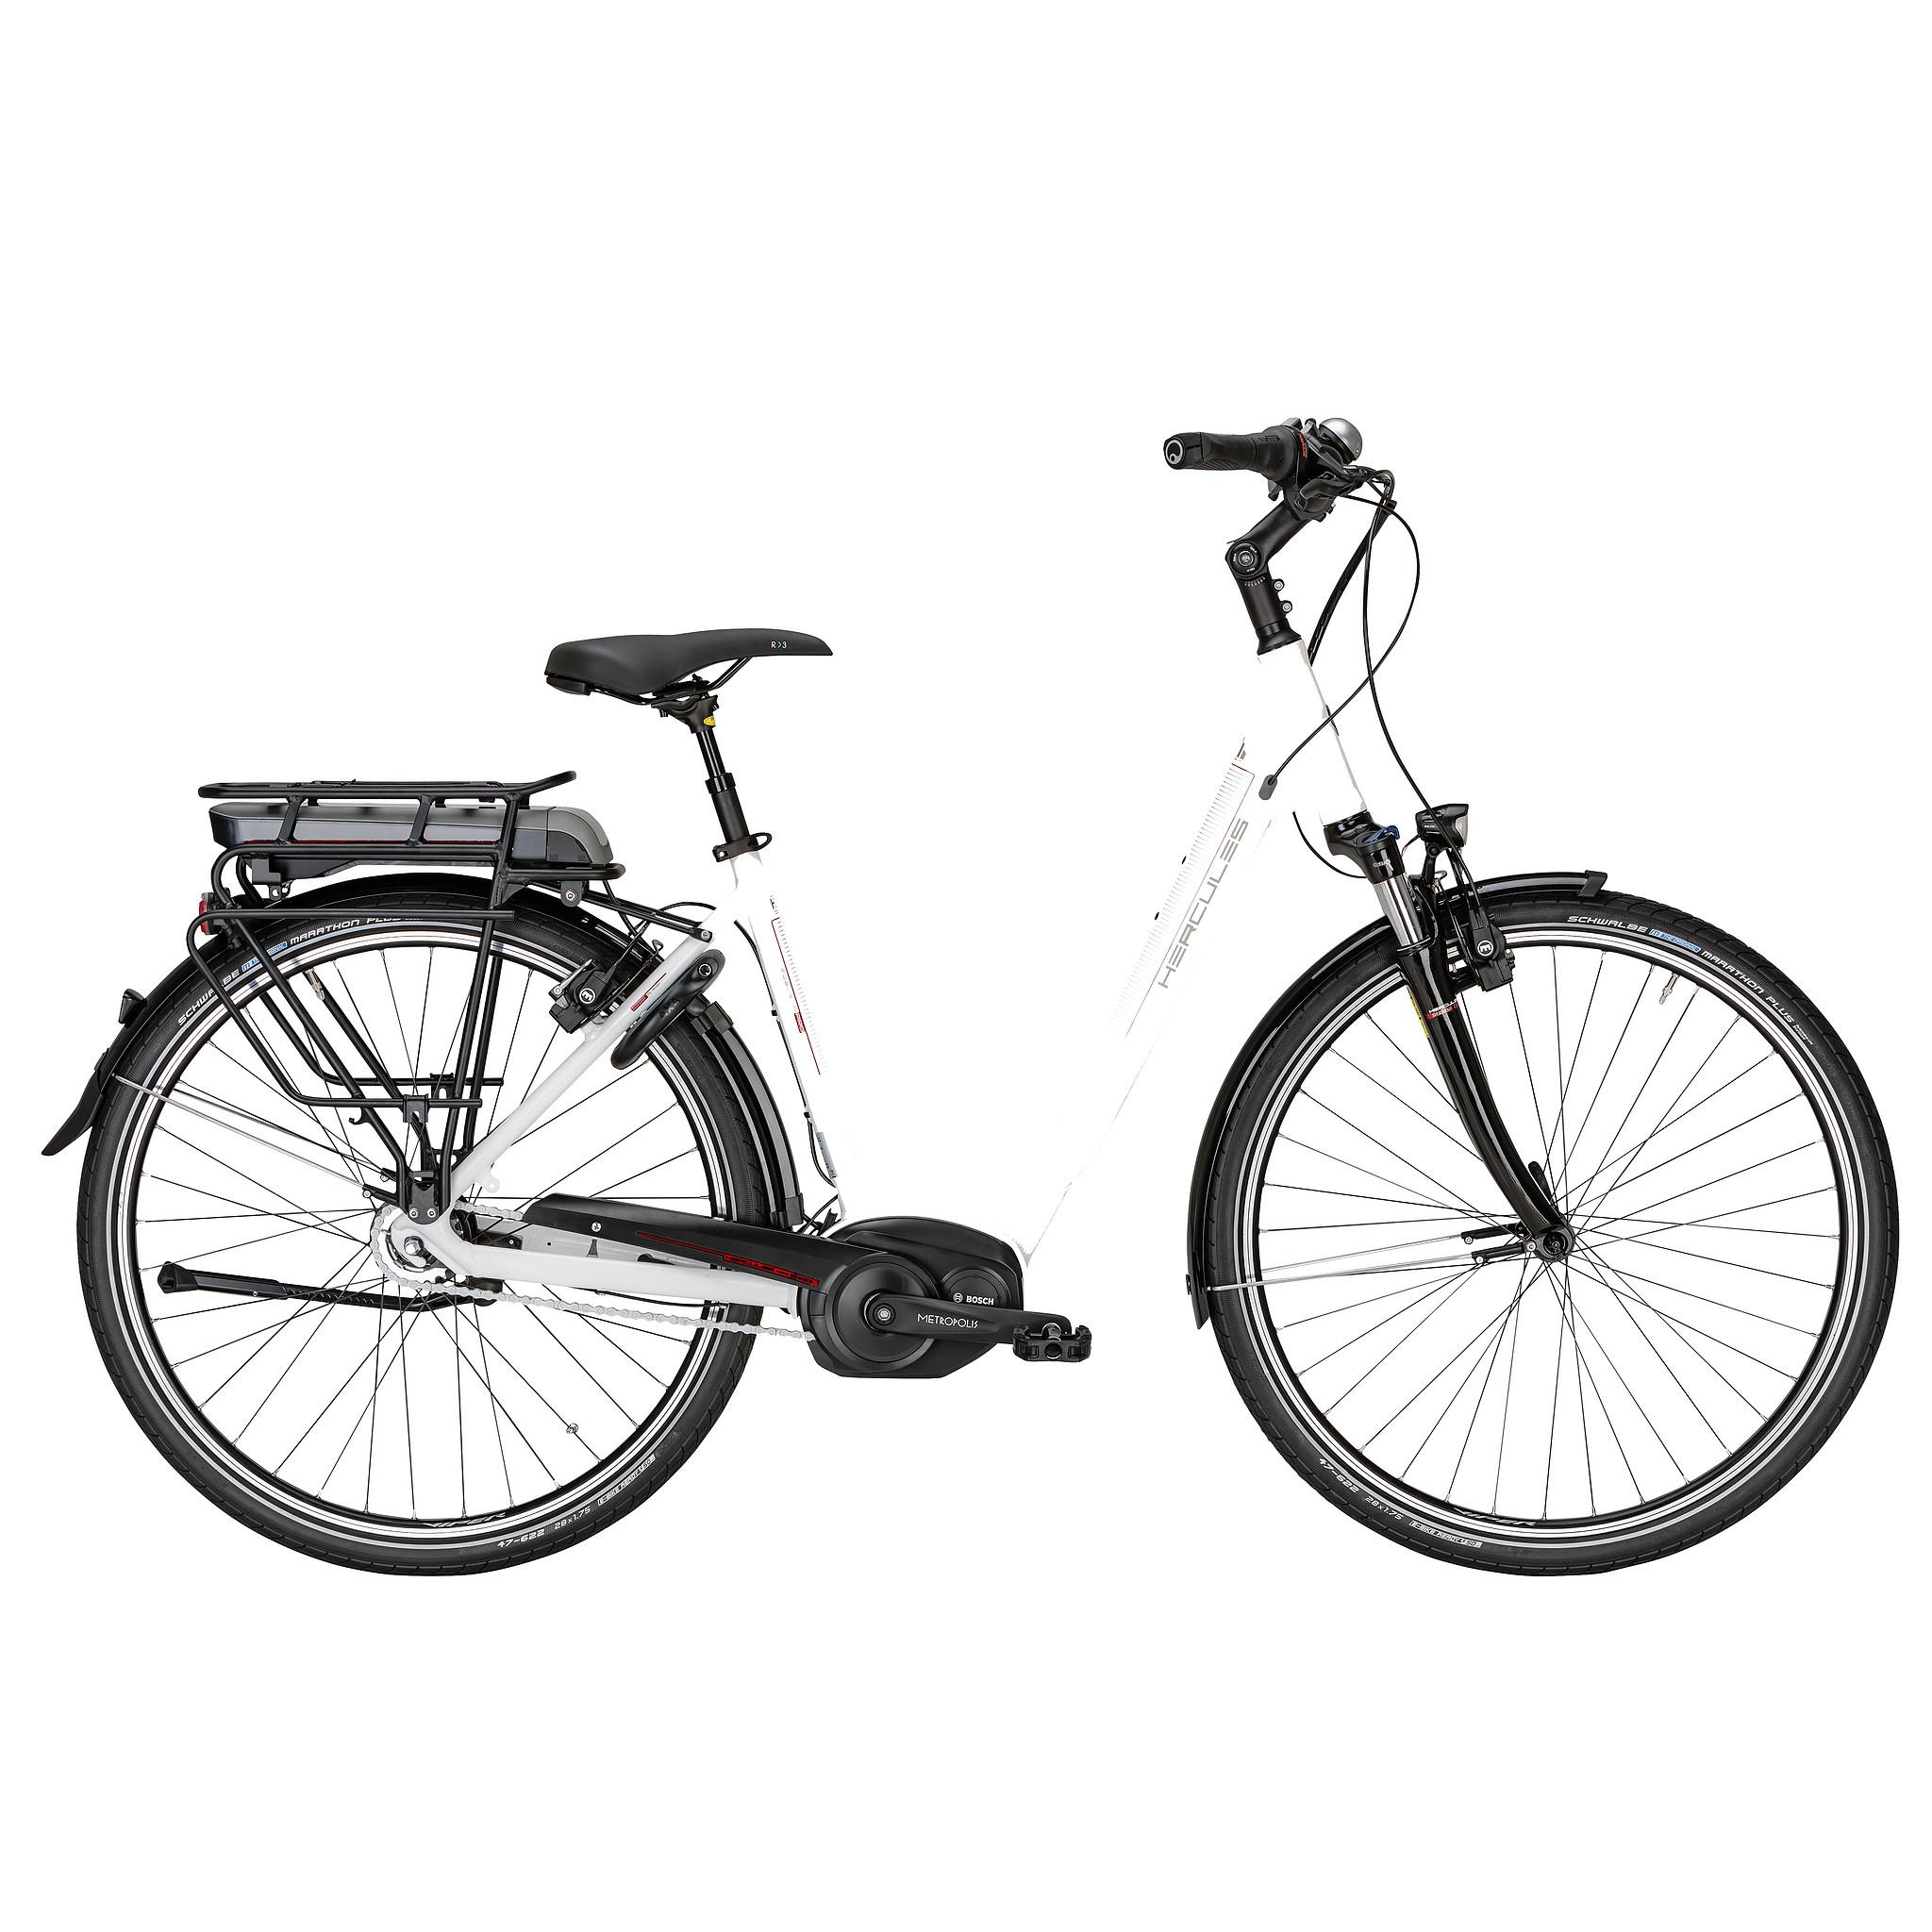 Hercules Elektrische fiets Roberta Pro F8 dames wit 50cm 396 Watt Wit